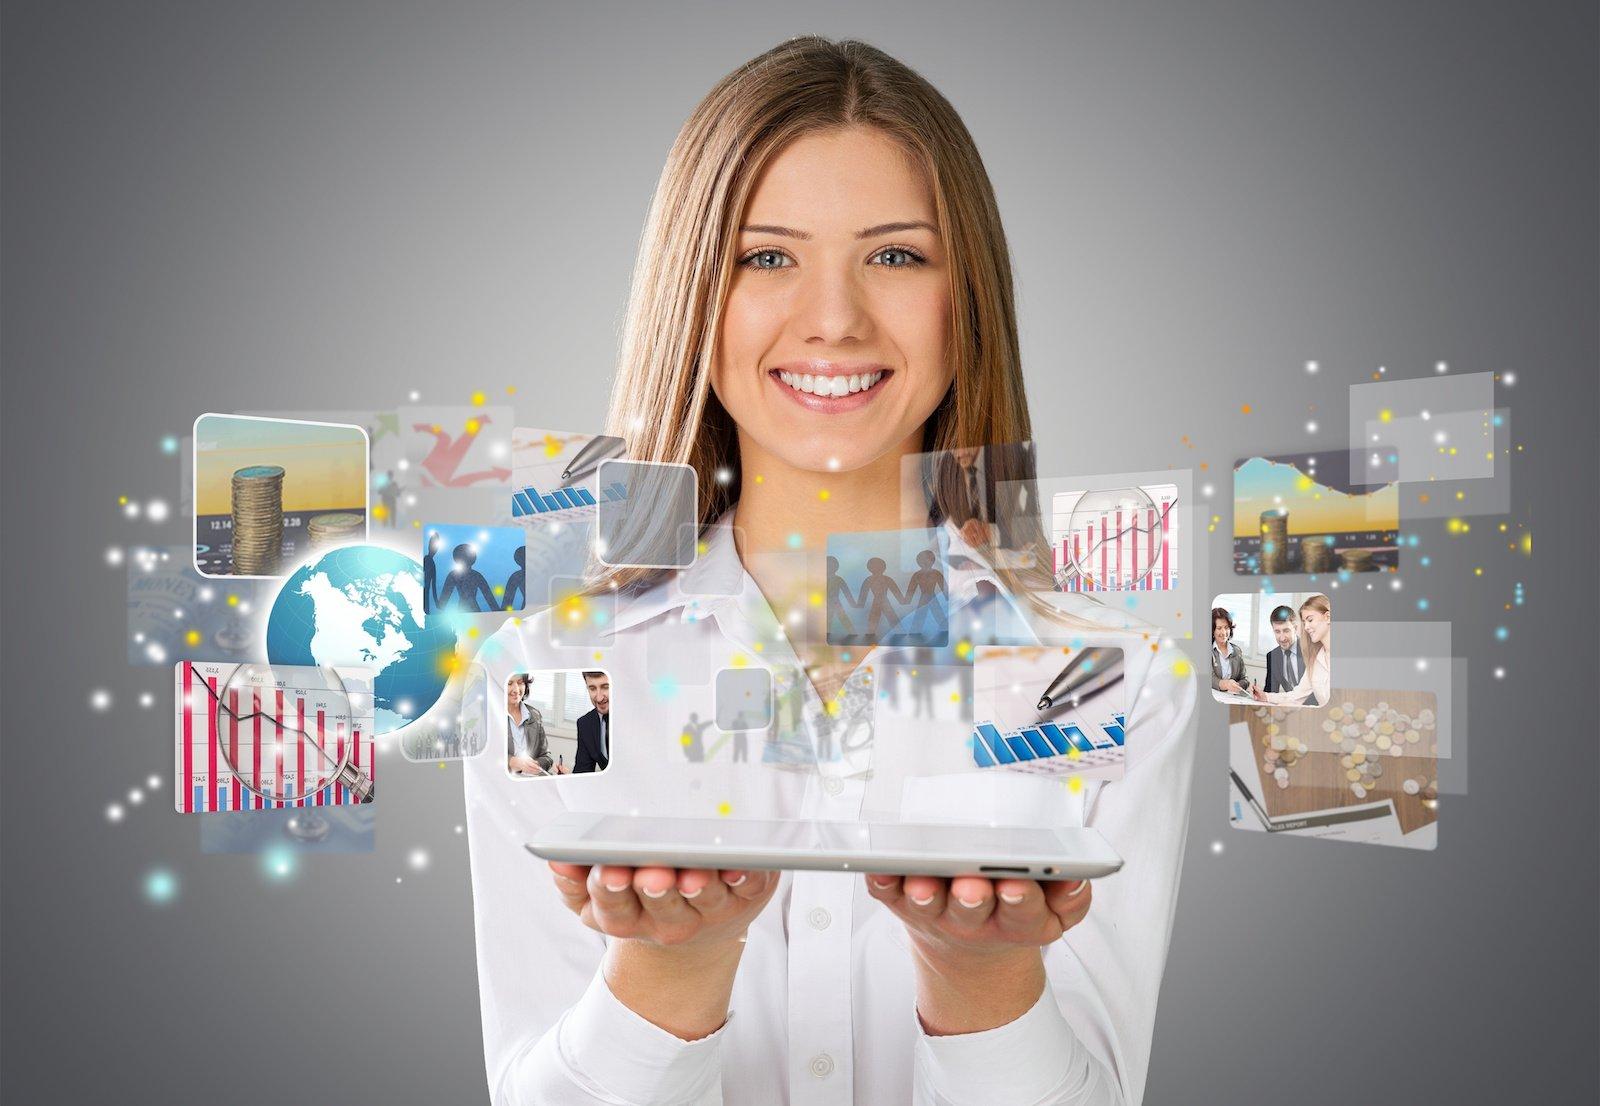 Digitální dovednosti zaměstnanců